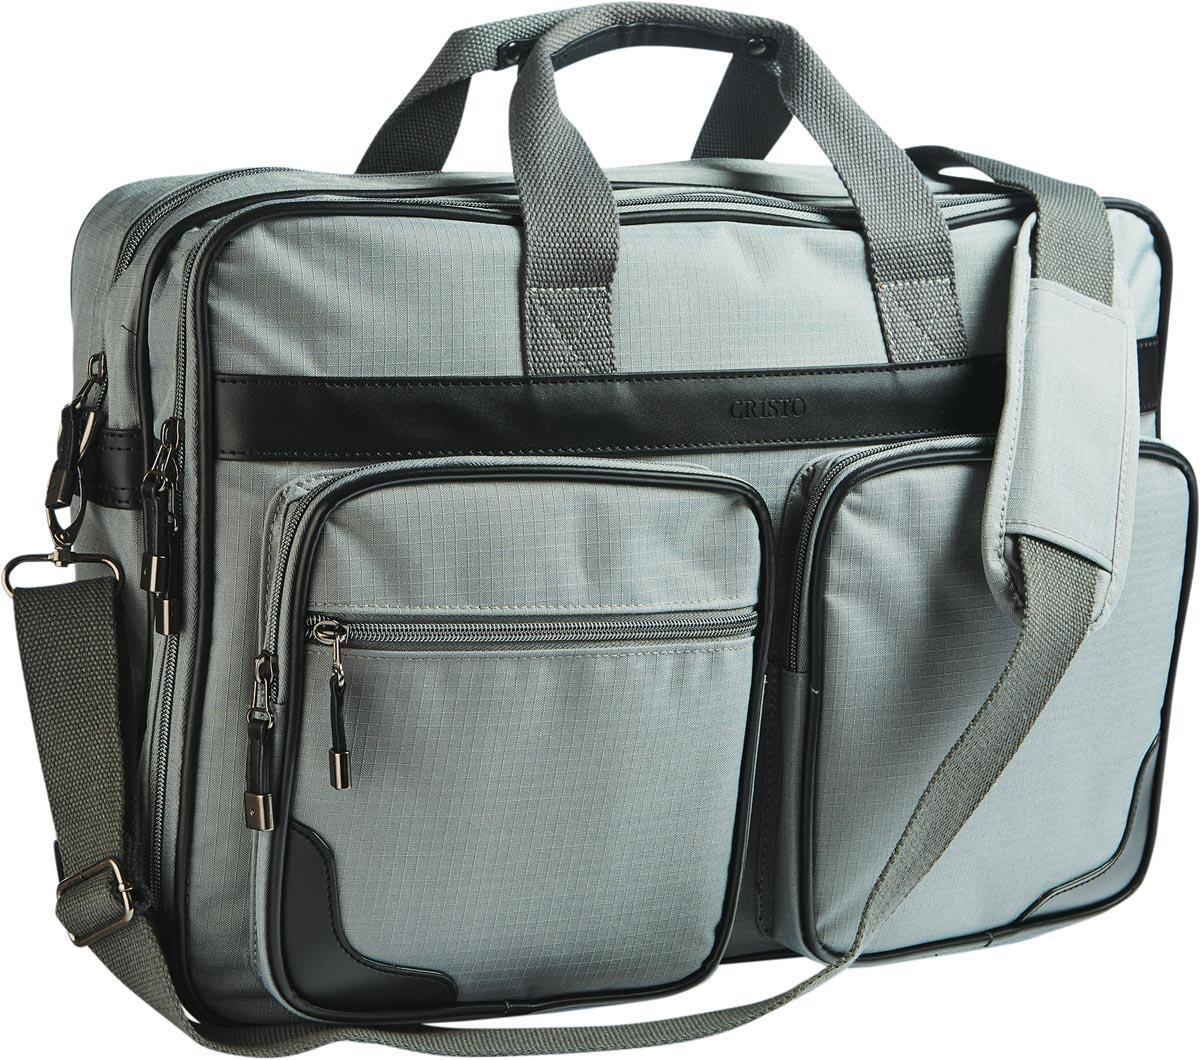 Cristo Urban laptoptas voor 17 inch laptops, grijs